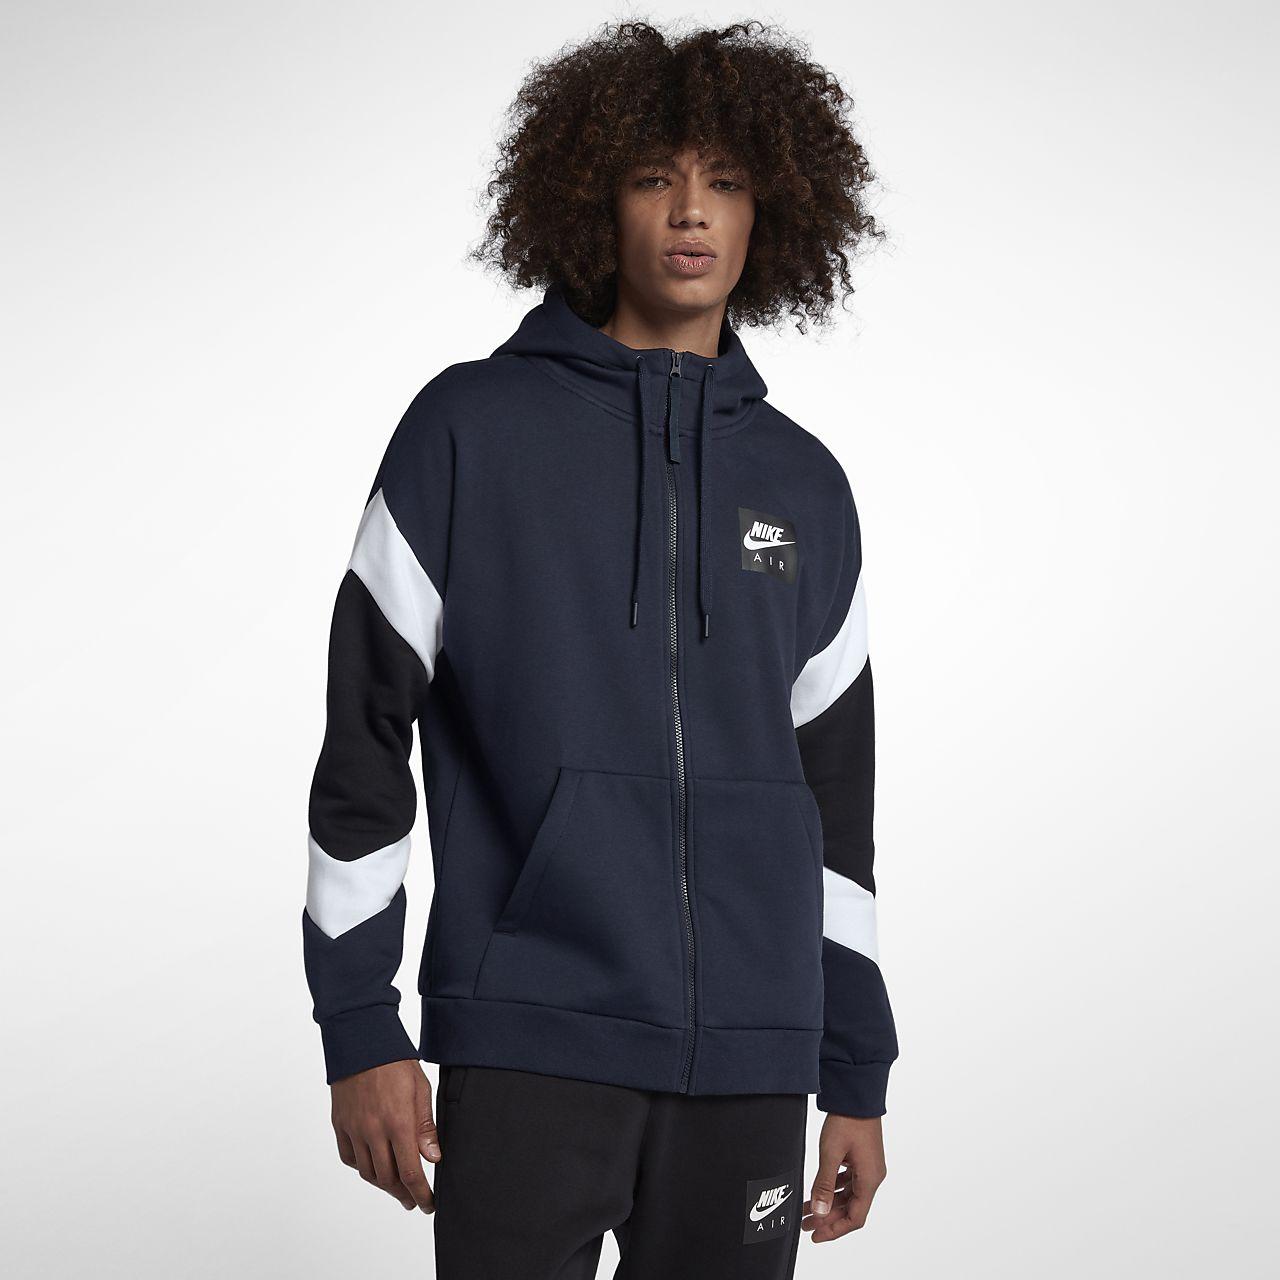 Entièrement Nike Homme Pour Zippé Xebwqx À Sportswear Sweat Air Capuche eEYD9HW2I